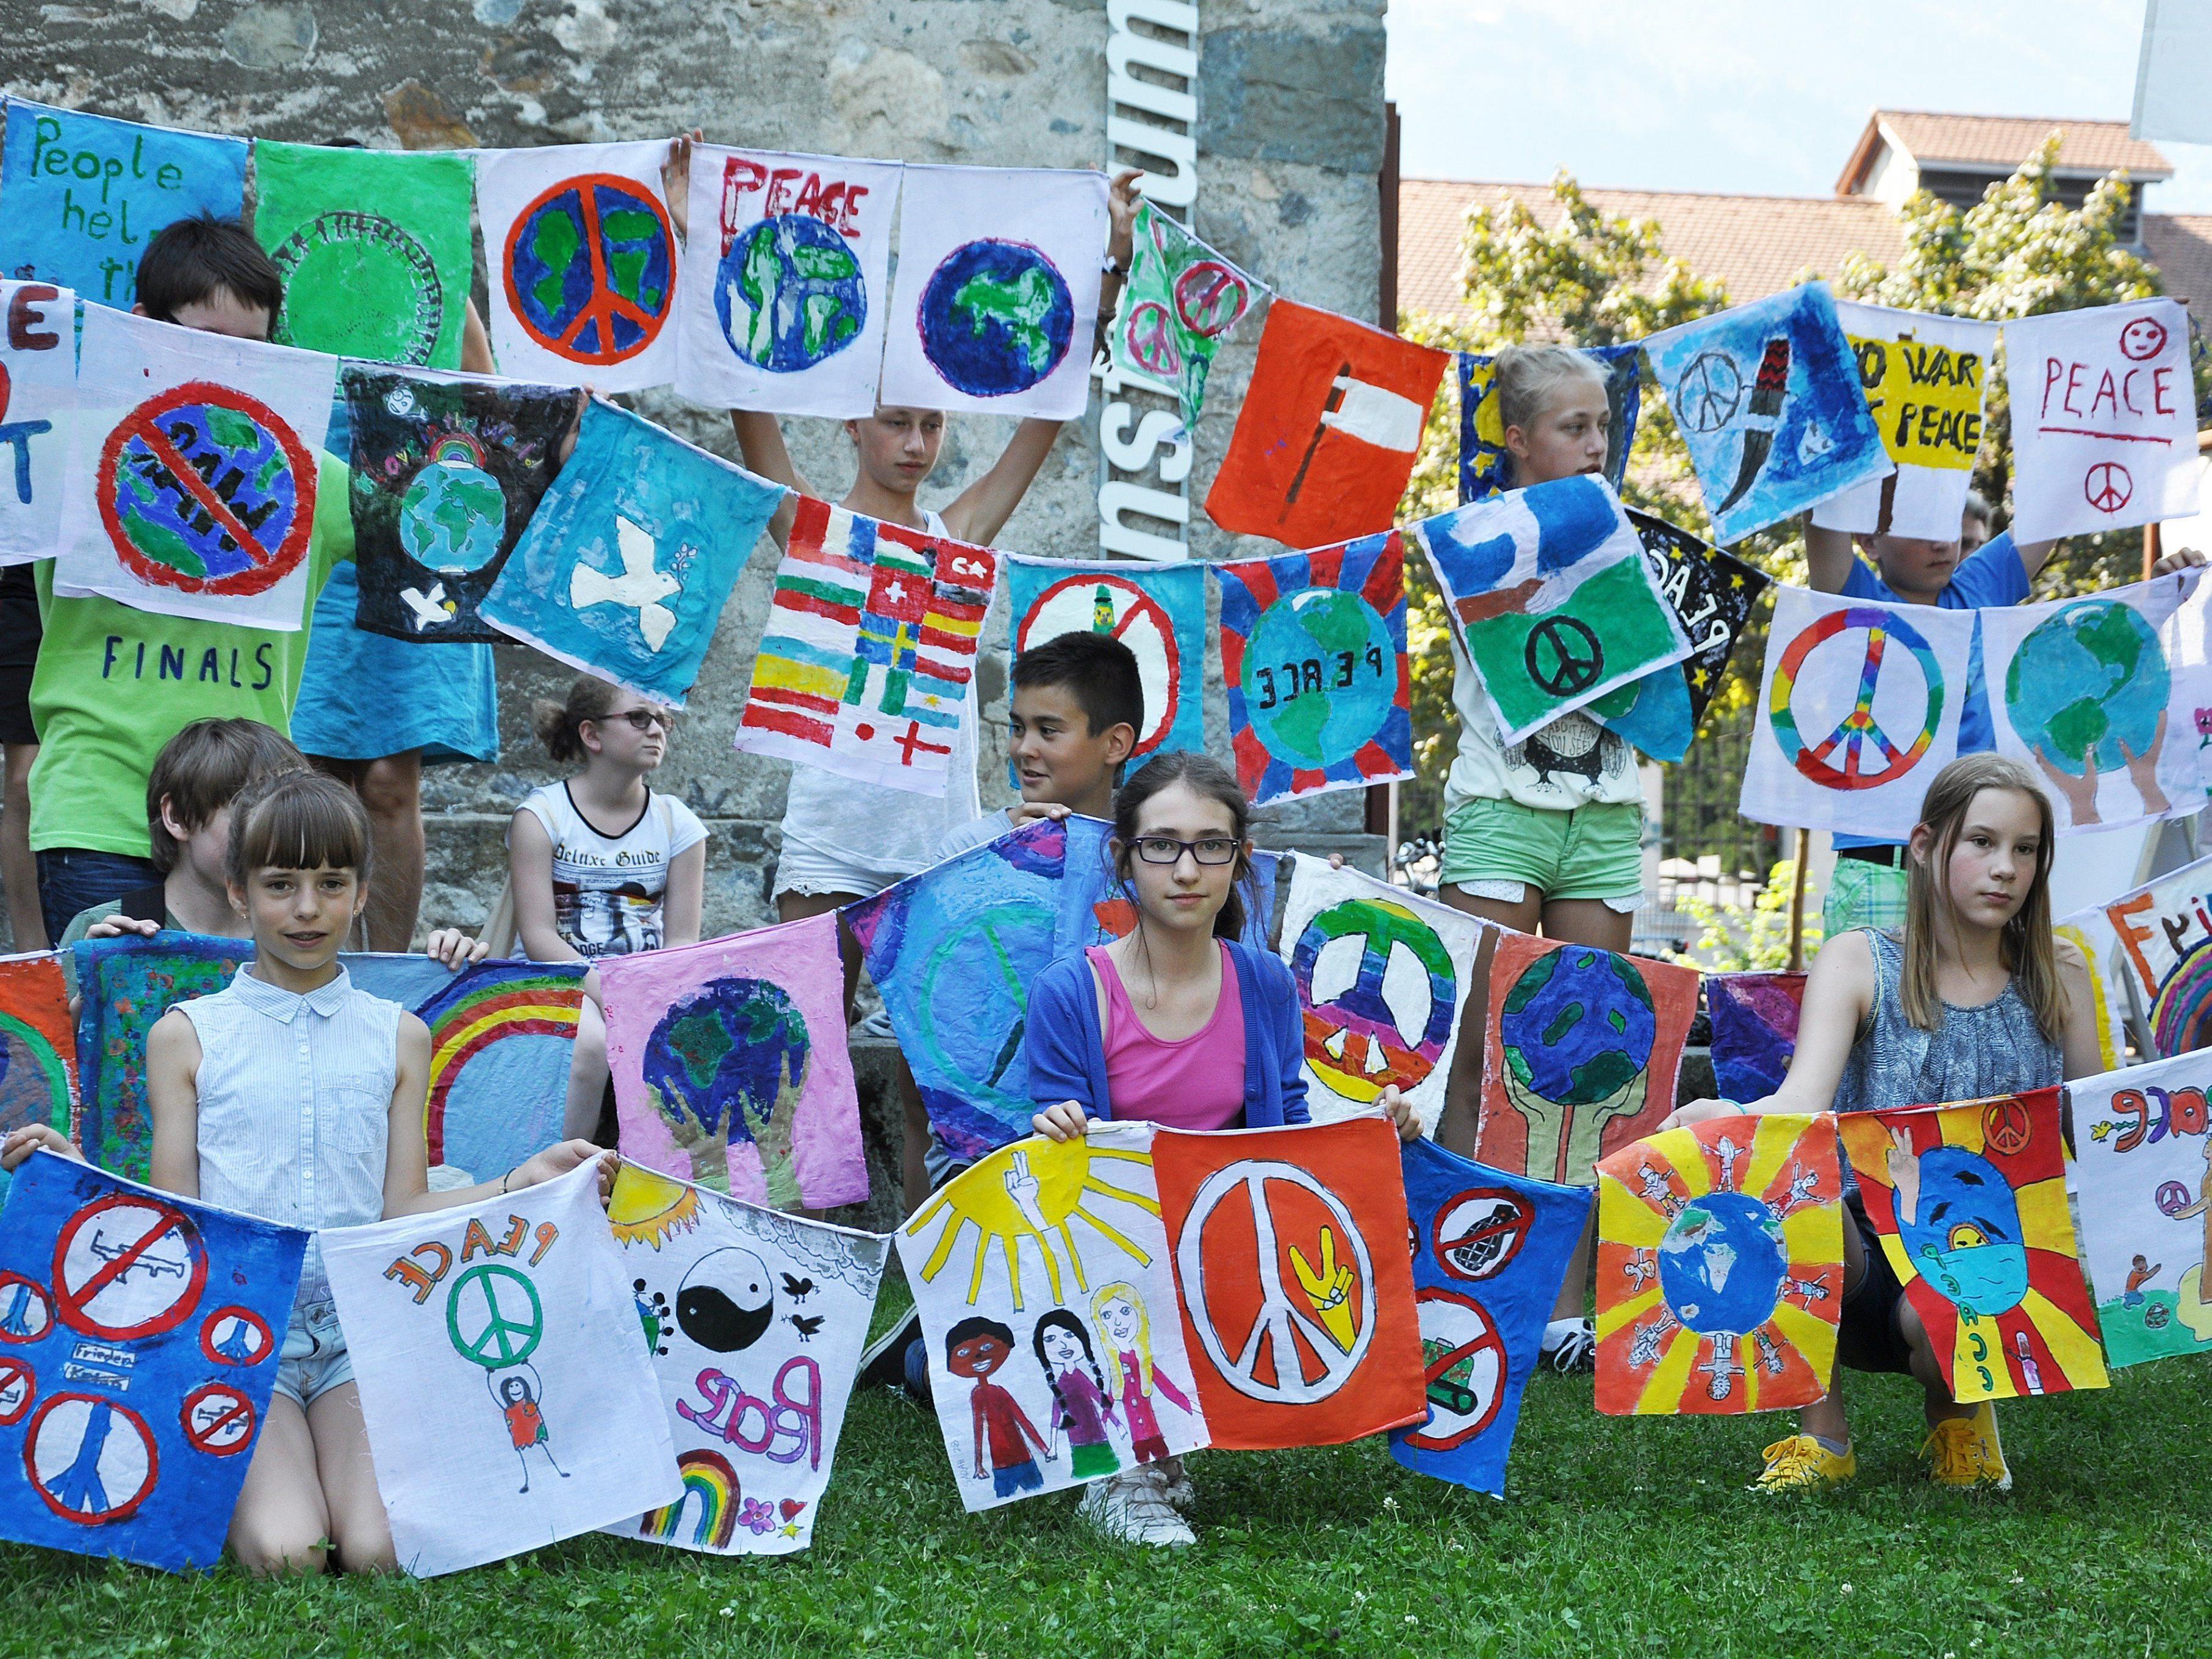 Im Vorfeld des großen Friedensfestivals am 25. Juli wurden bereits die Hälfte der Friedensfahnen von den Schülern übergeben.